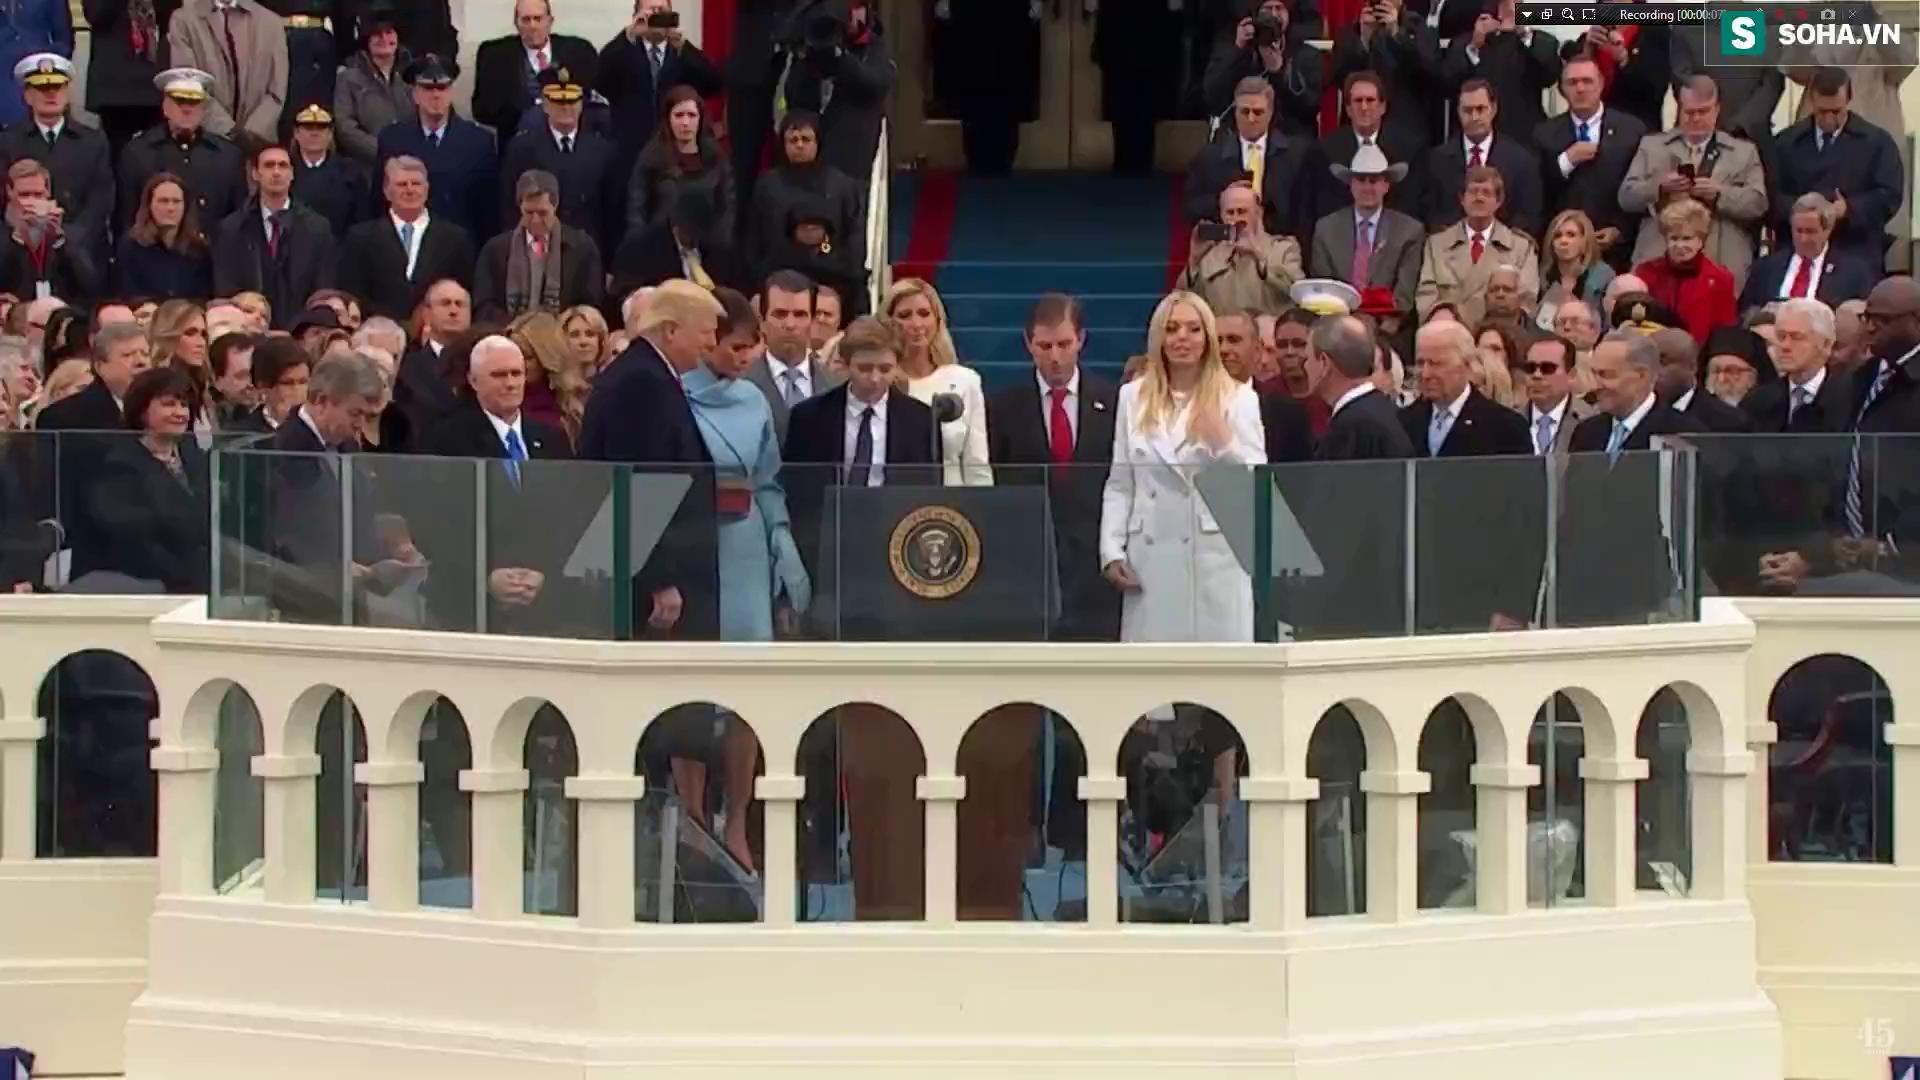 Tổng thống Mỹ Donald Trump tuyên thệ nhậm chức